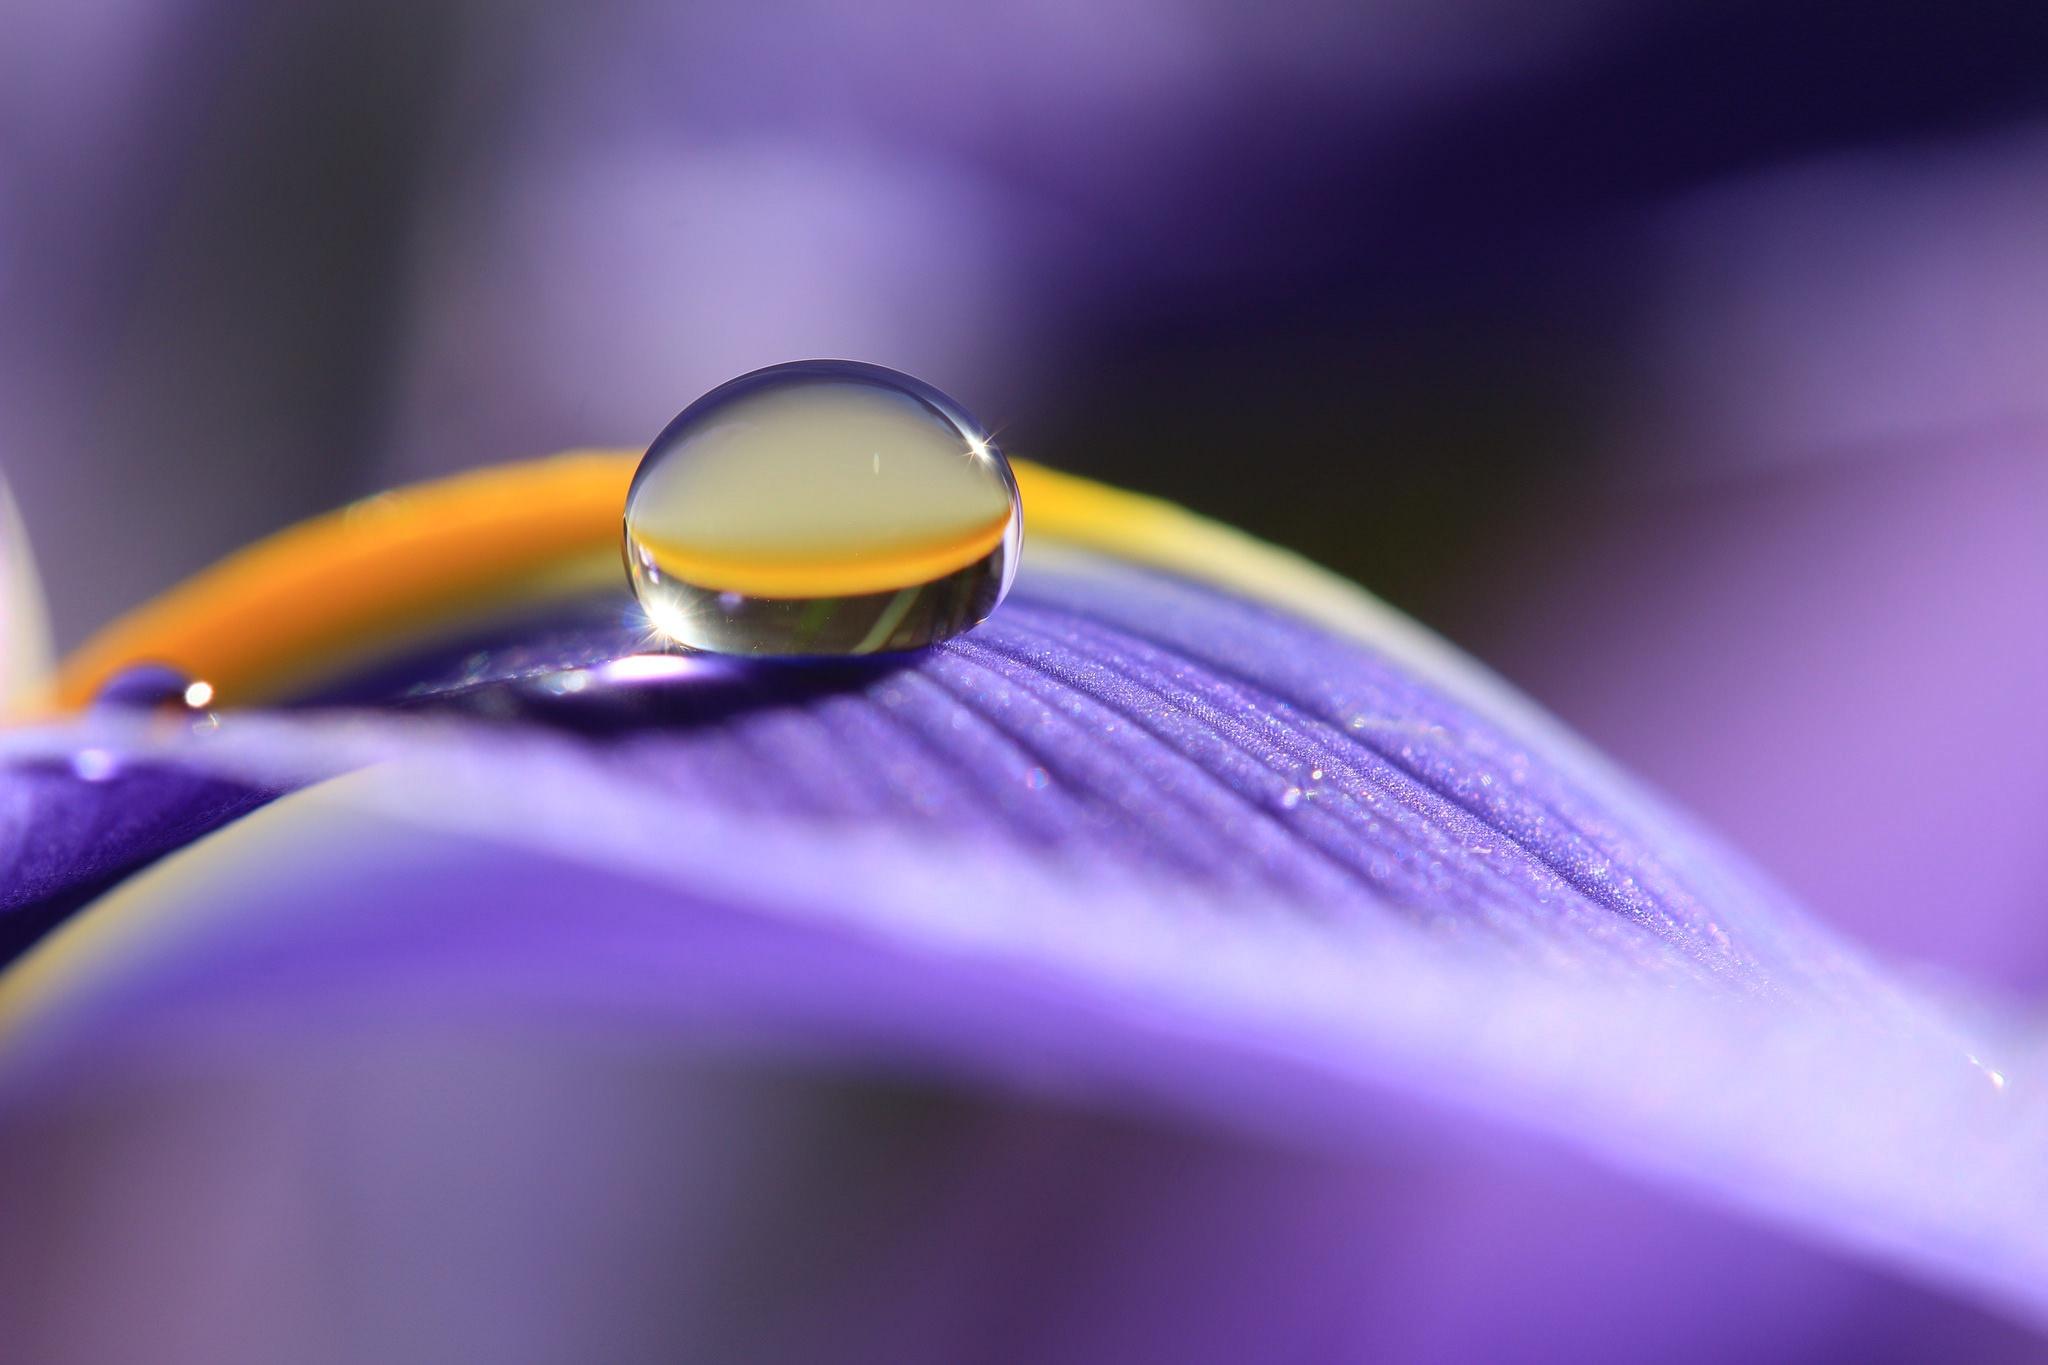 Круглая капля на лепестке цветка  № 3234327 бесплатно